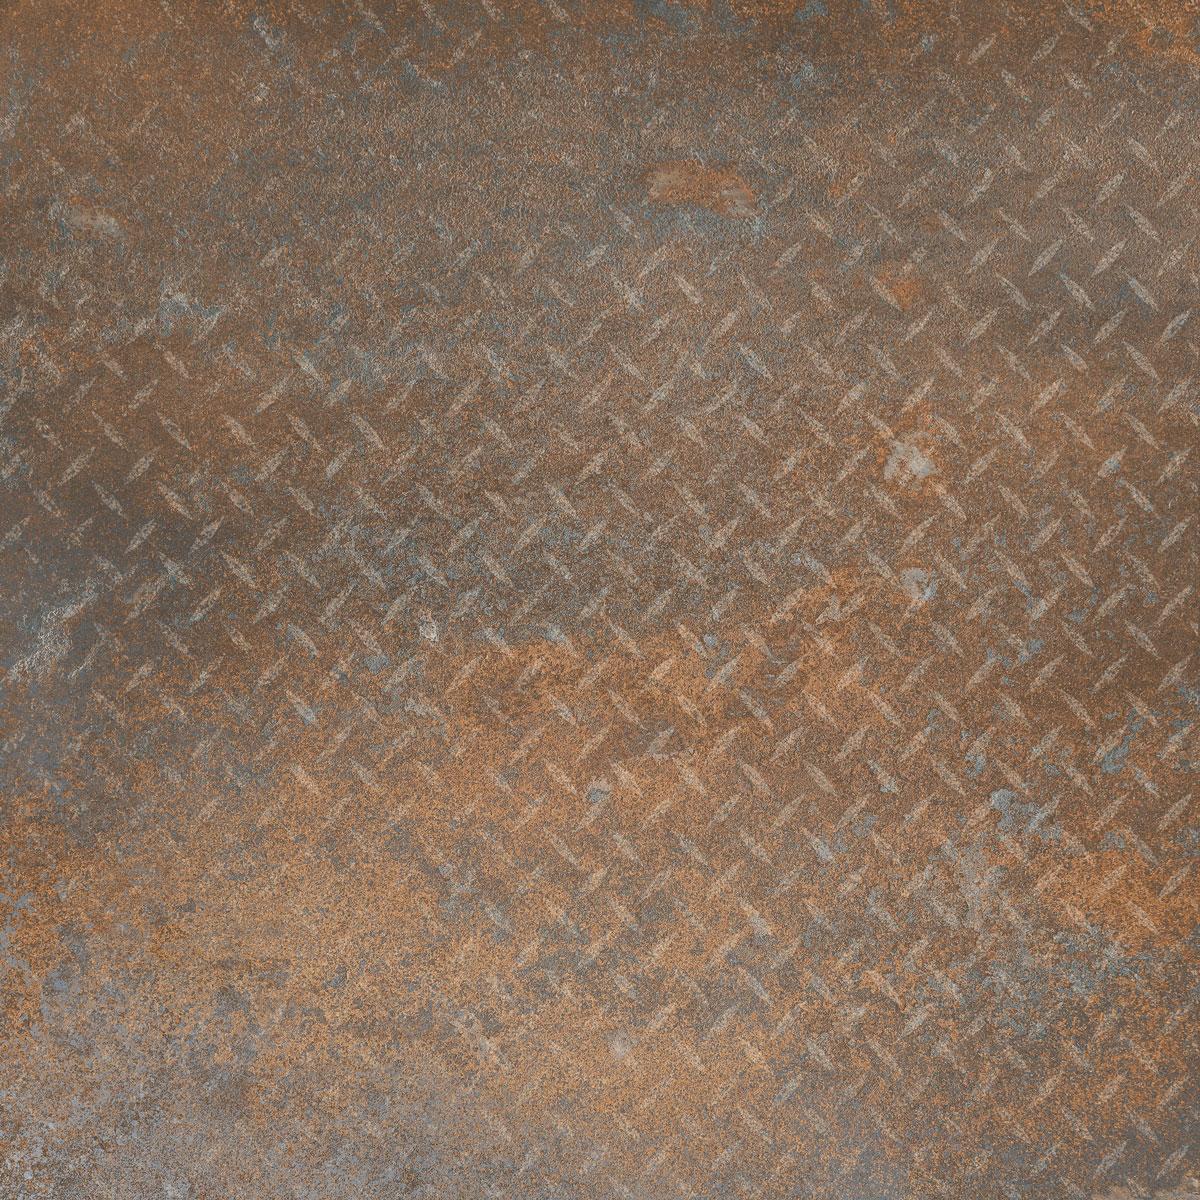 OXID MIX rust Dekor Linsenblech Image